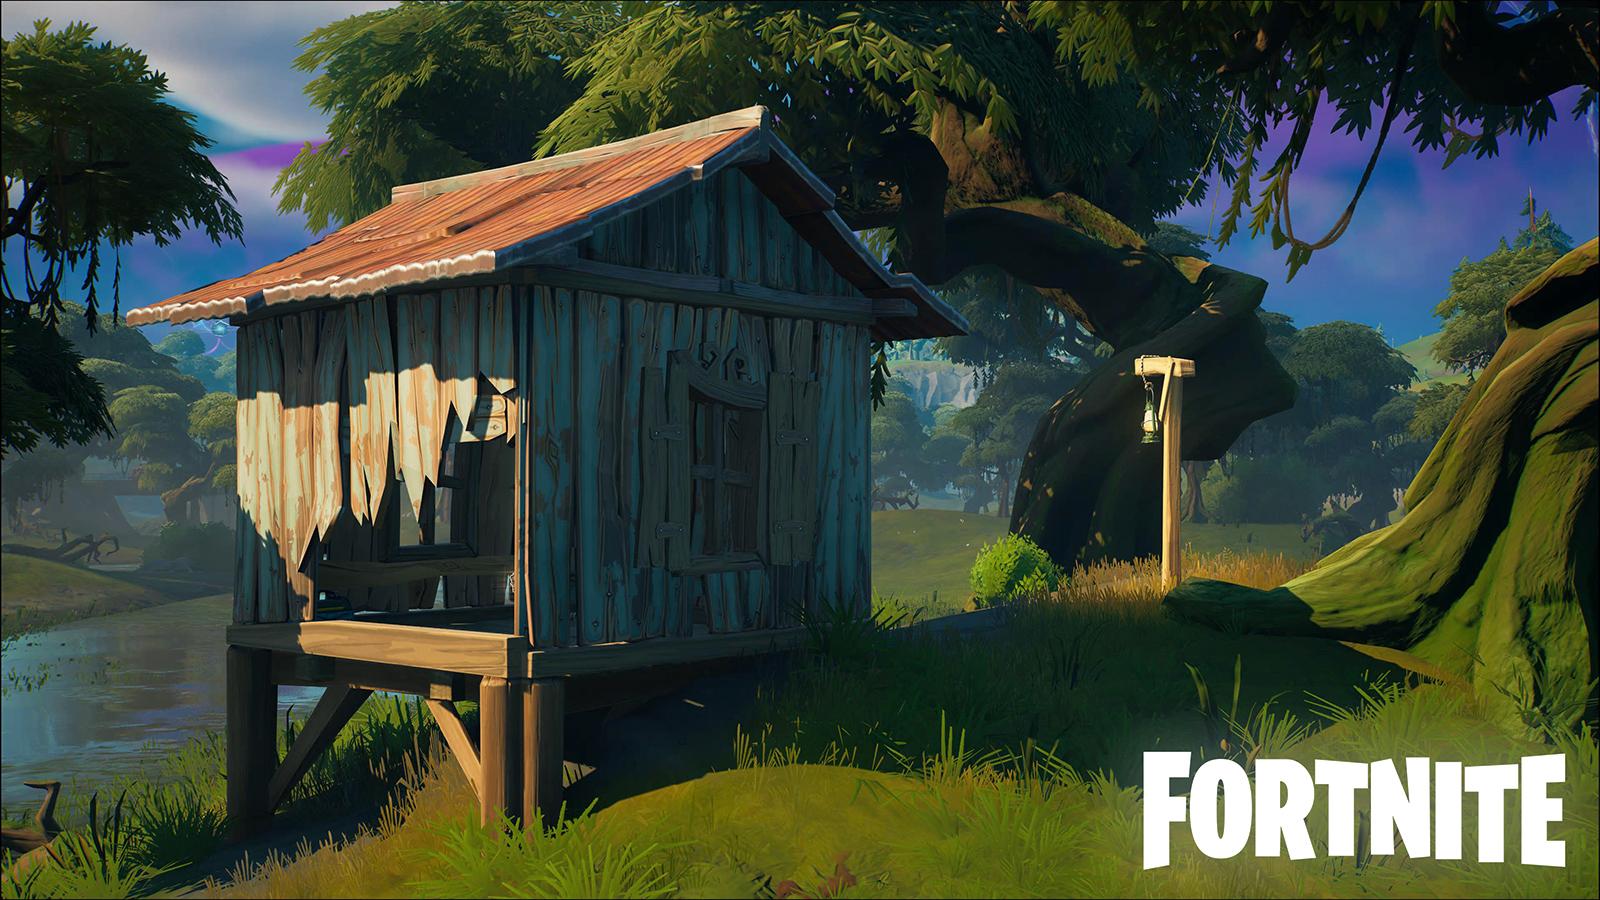 Fortnite Slurpy Swamp Houses